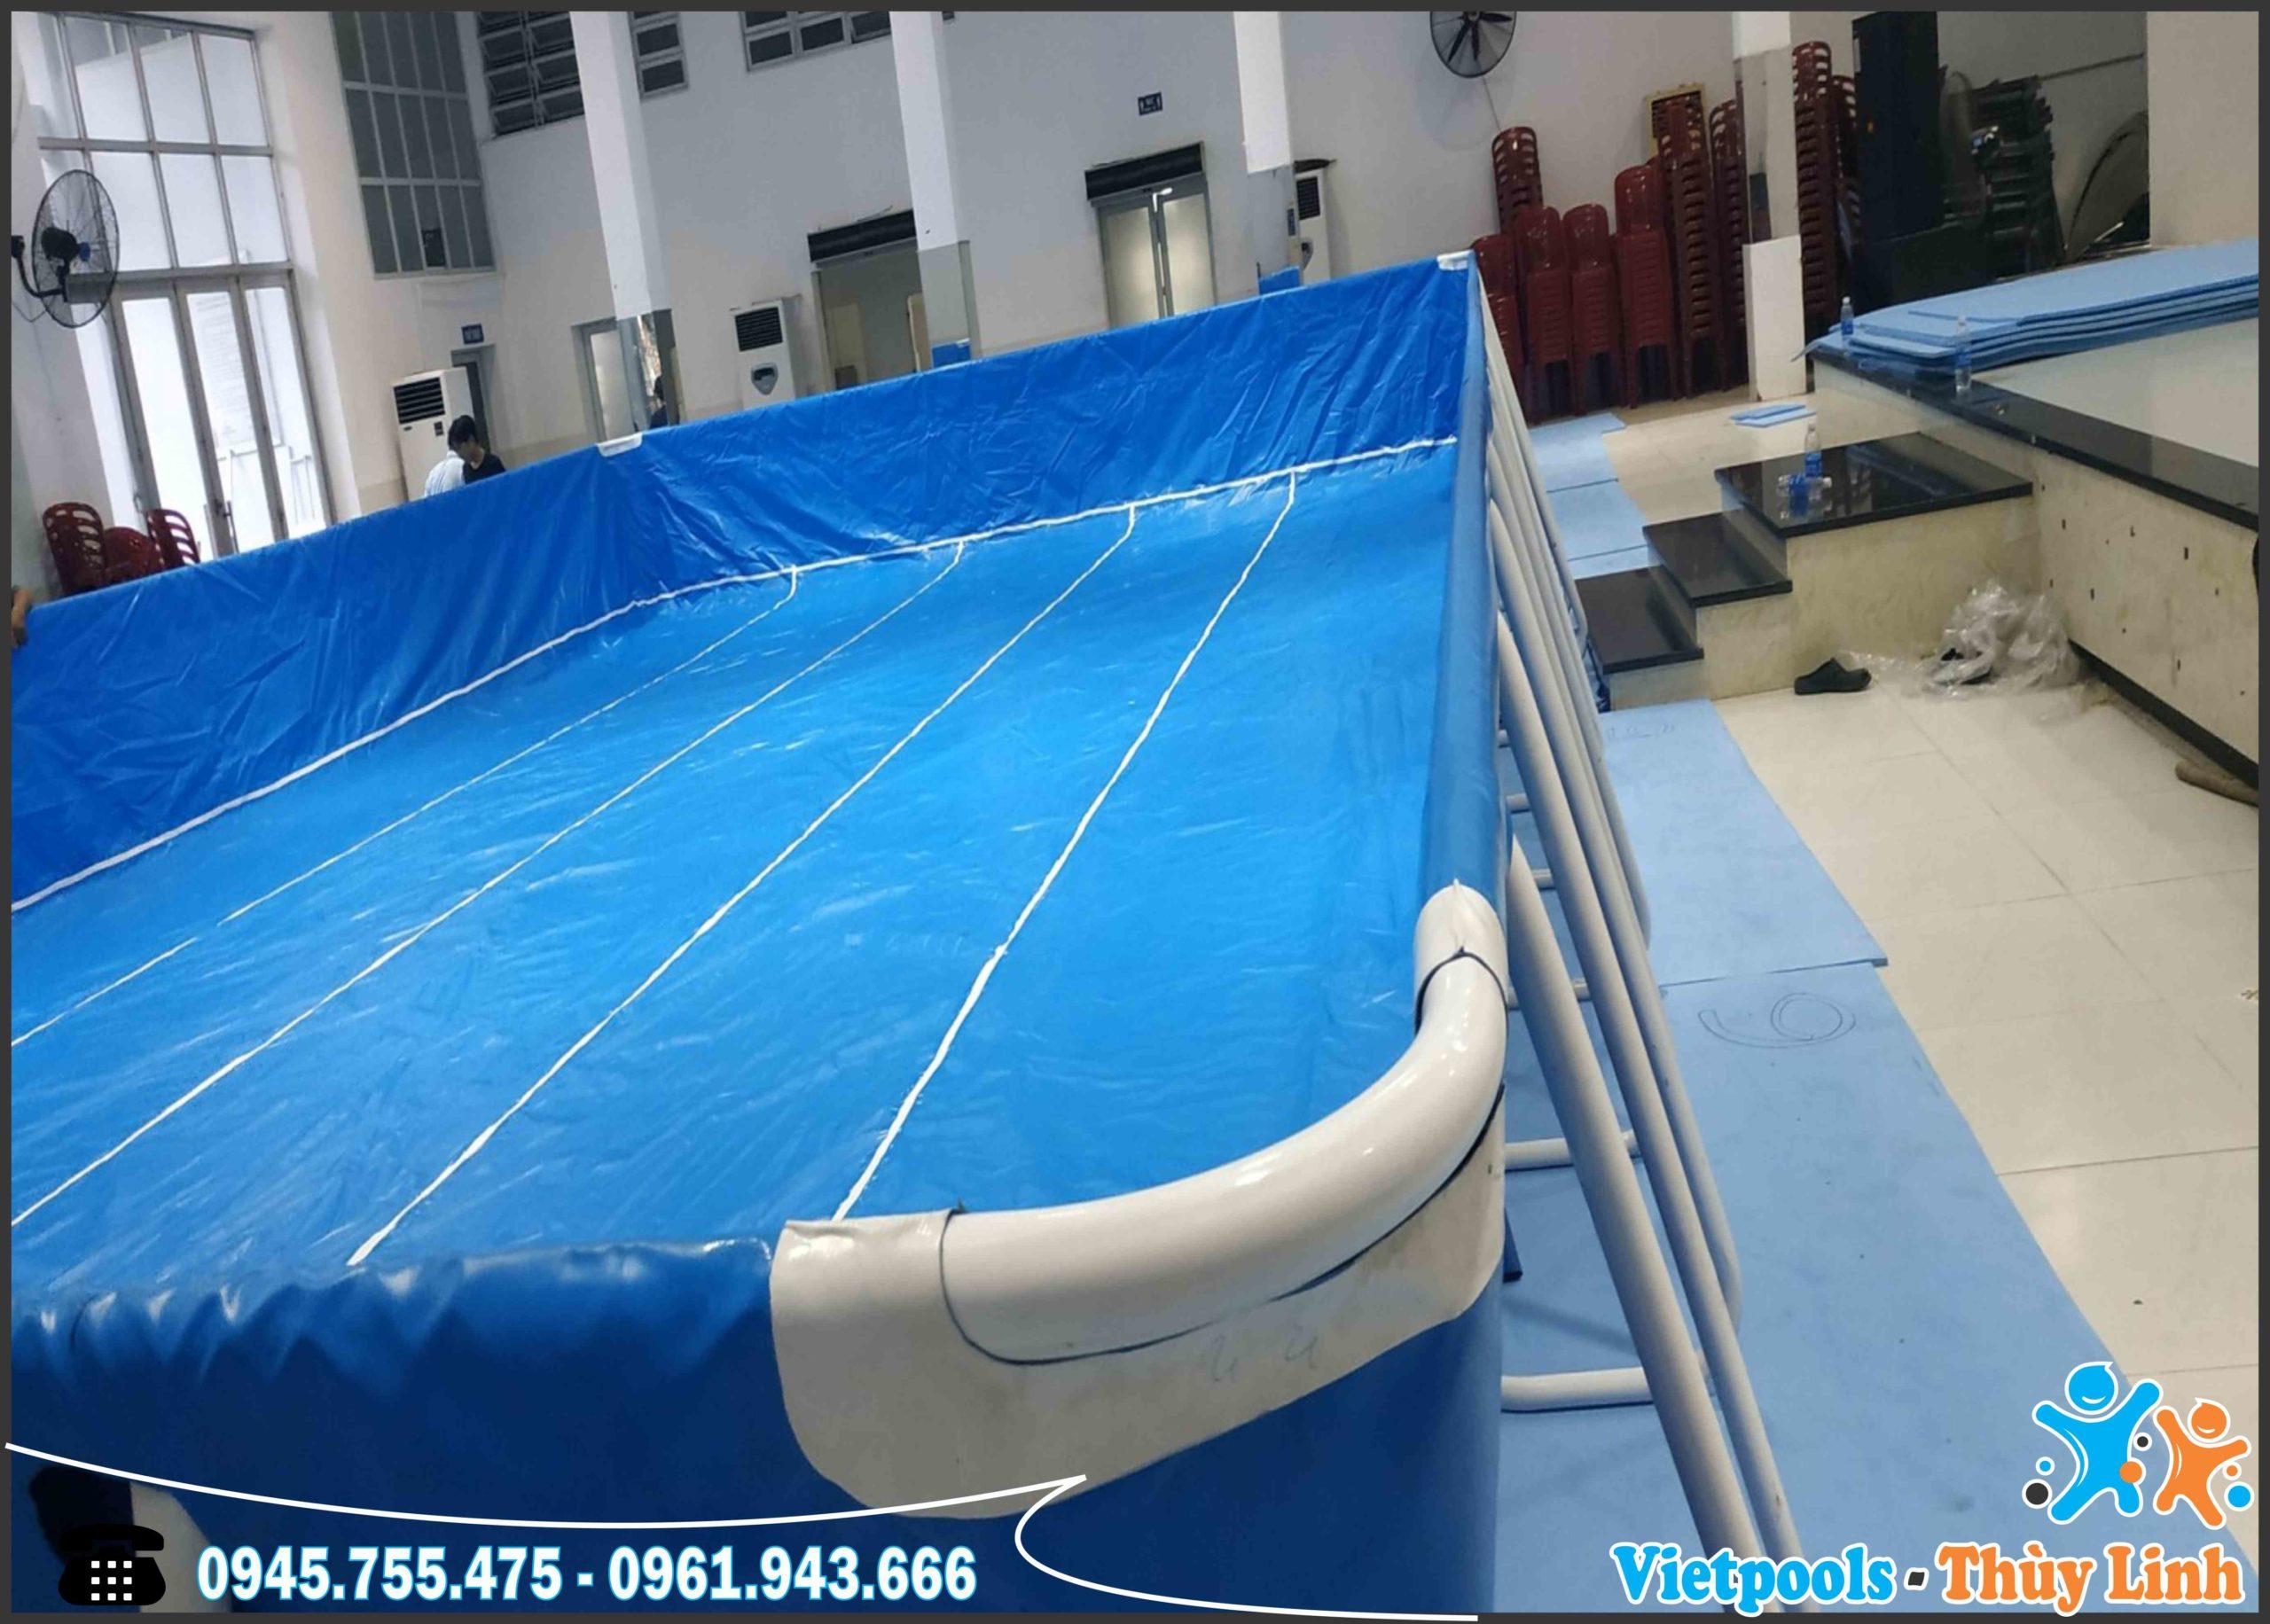 Bể Bơi Lắp Ghép Khung Kim Loại Tại Hồ Chí Minh KT 8.1mx17.1m - 2020 7